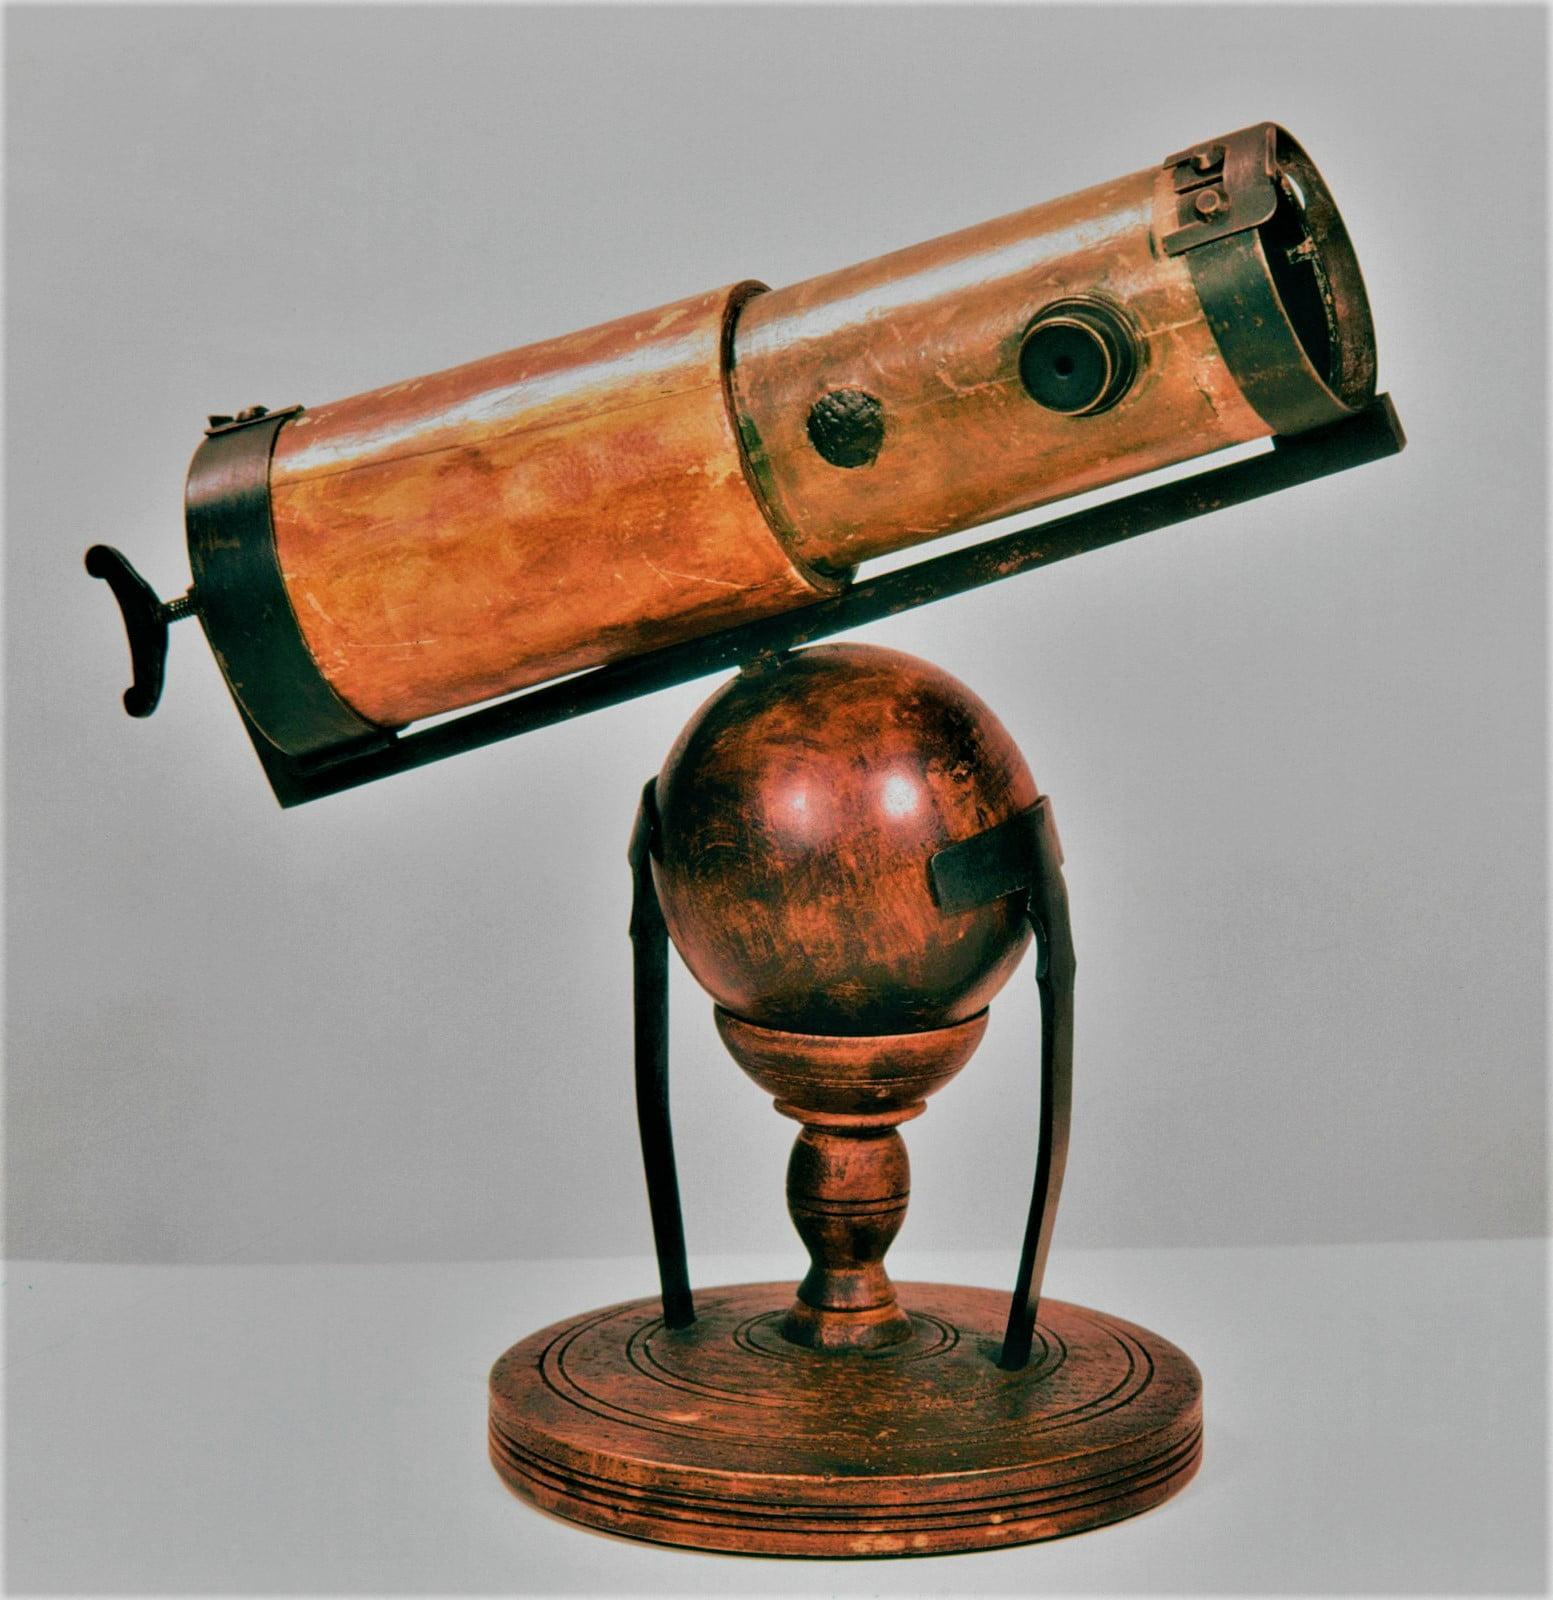 Isaac-Newton-telescope-1668